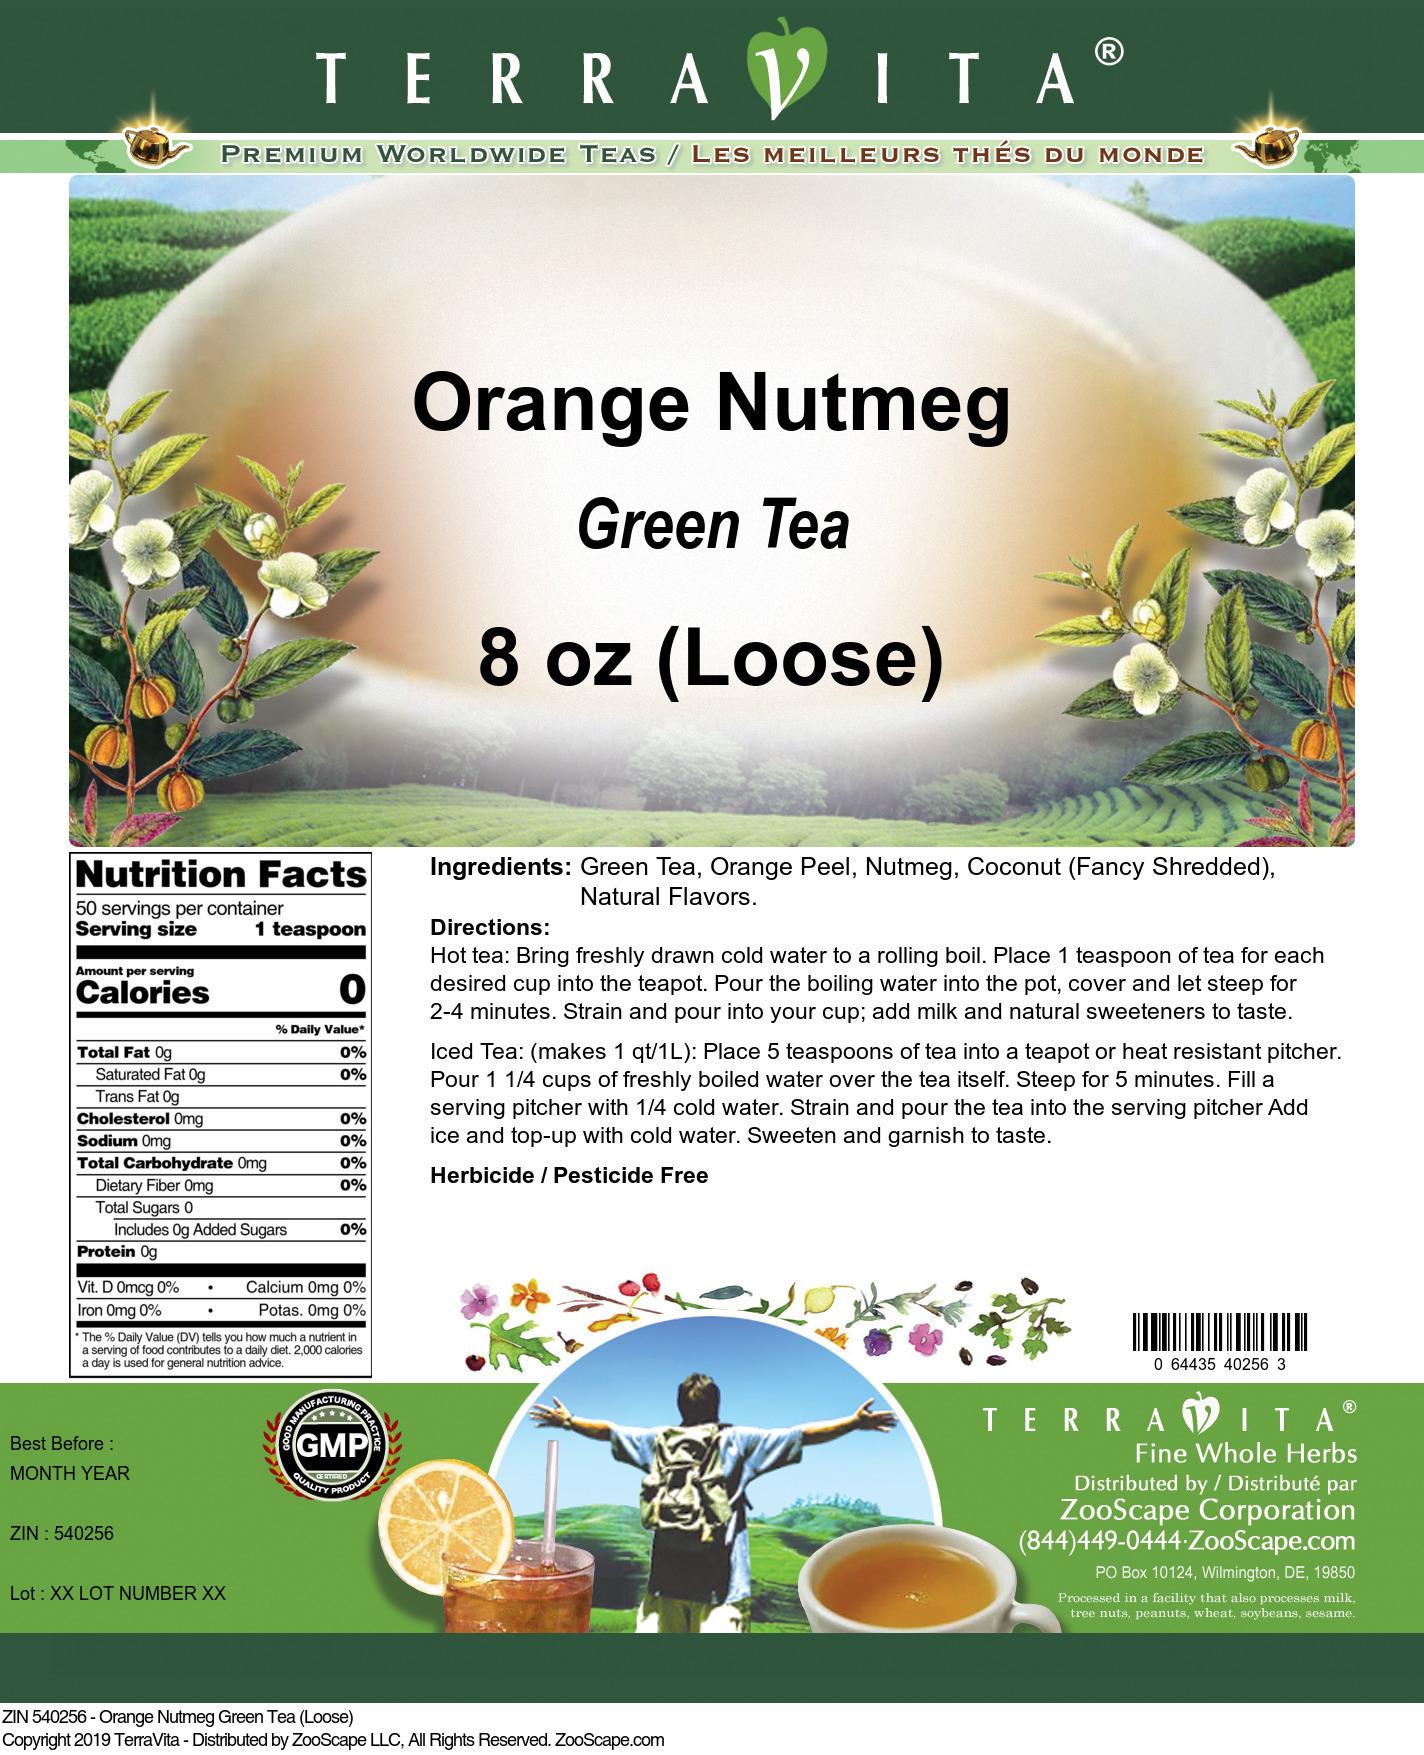 Orange Nutmeg Green Tea (Loose)